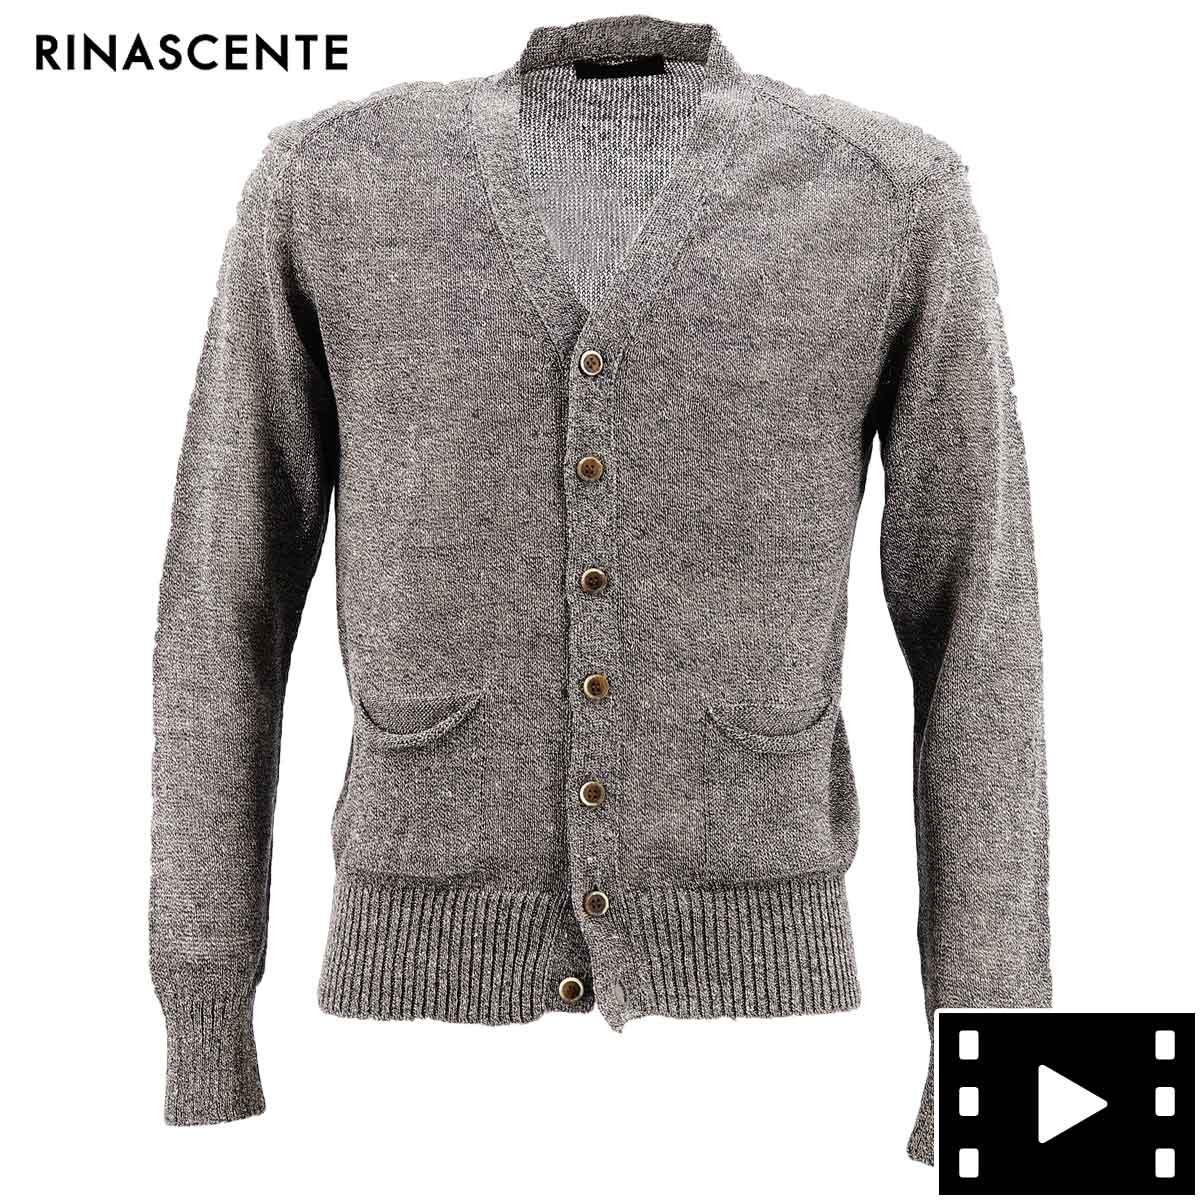 リナシェンテ RINASCENTE メンズ リネン サマーニットカーディガン 6756 RST(グレー) 春夏新作